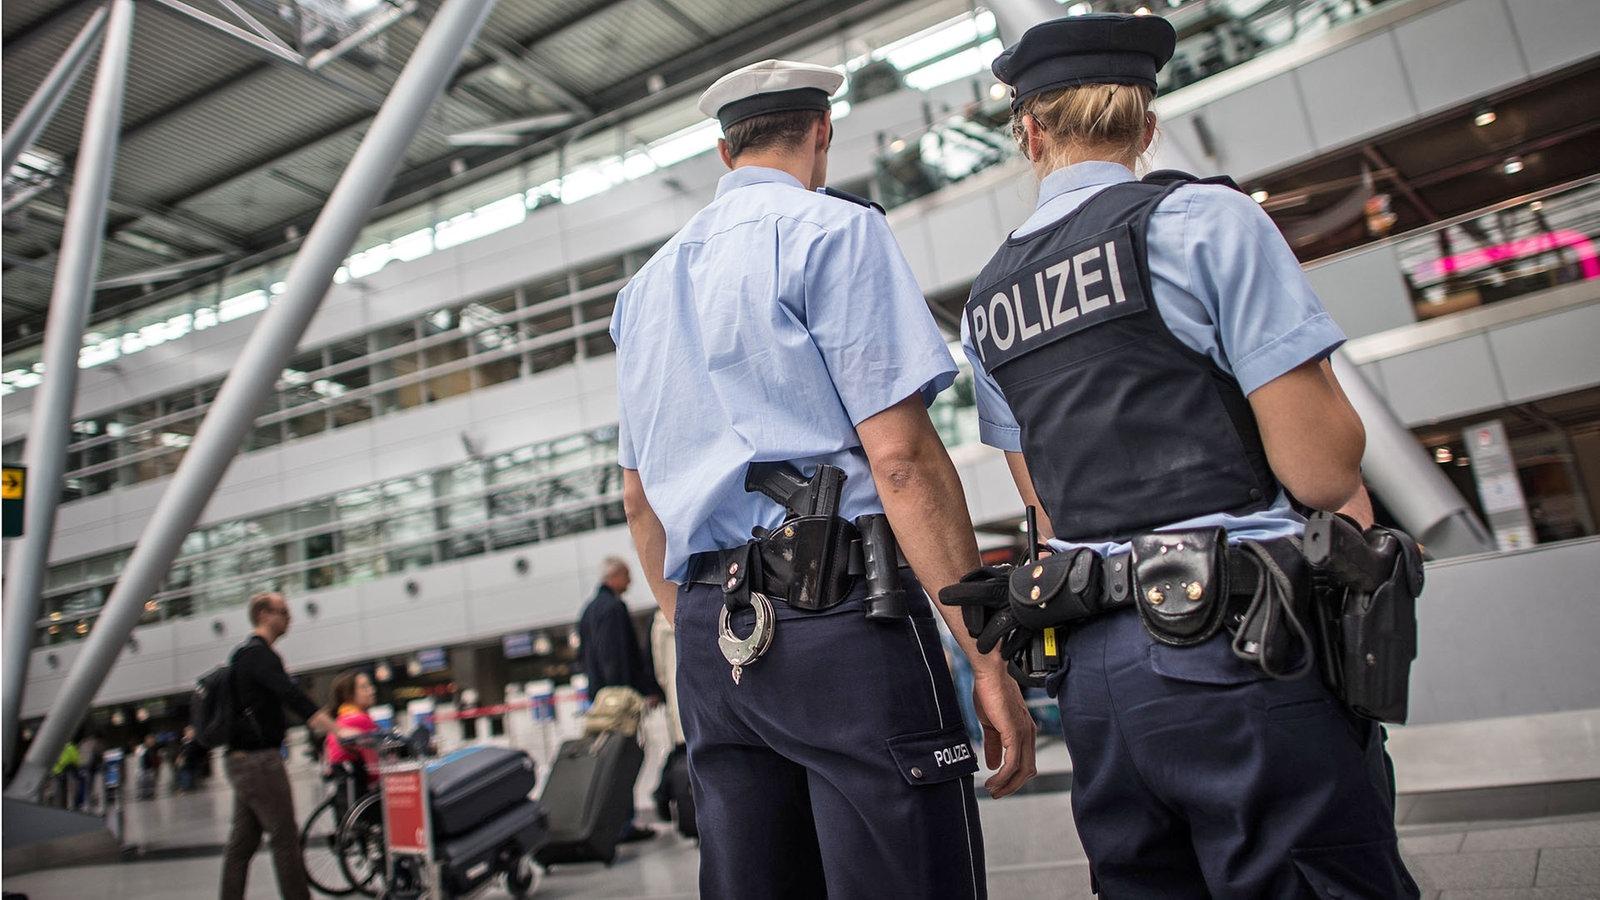 Flugsicherheit: Sicherheitsberufe am Flughafen - Luftfahrt ...